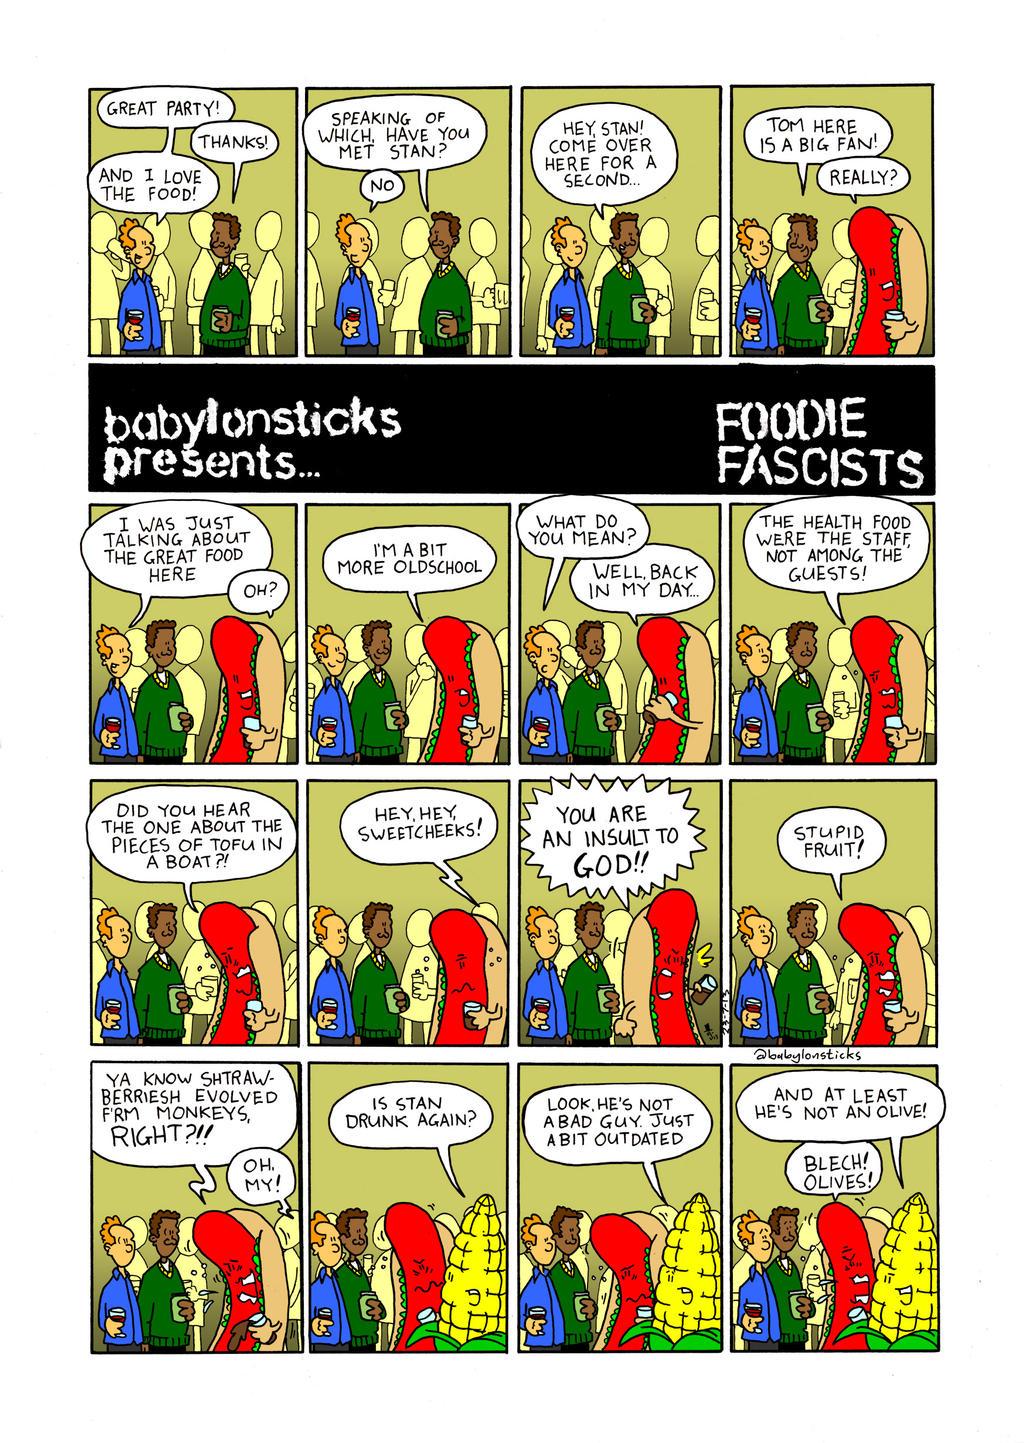 Foodie Fascists by babylon-sticks